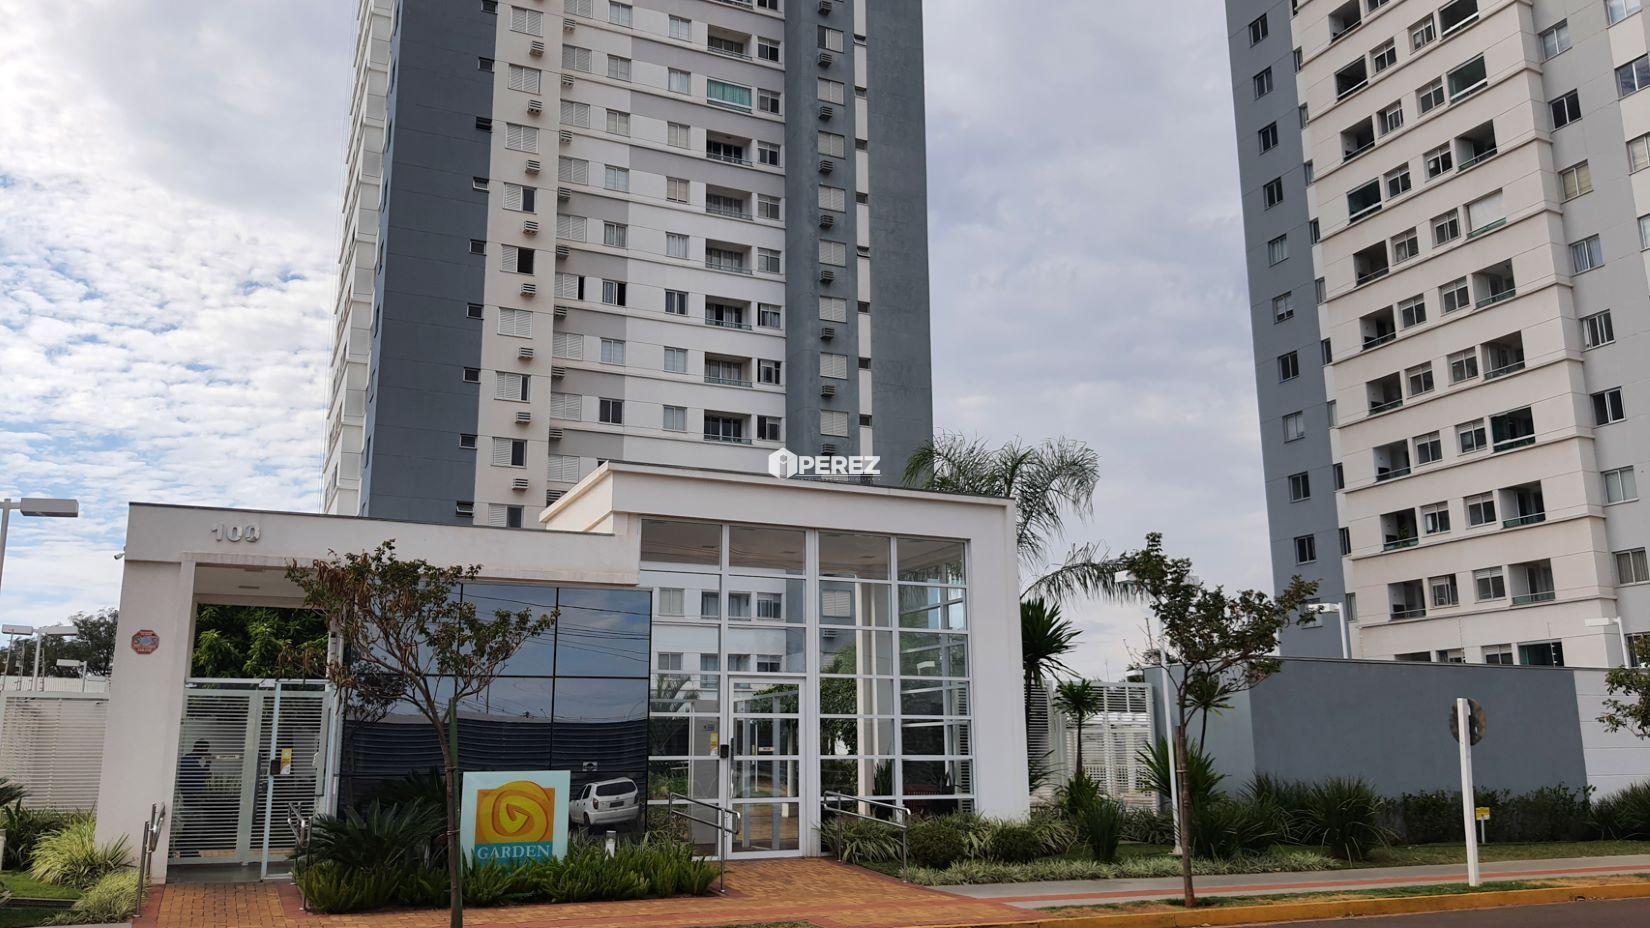 aluguel-campo-grande-ms-apartamento-alameda-do-ipe-amarelo-tiradentes-perez-imoveis